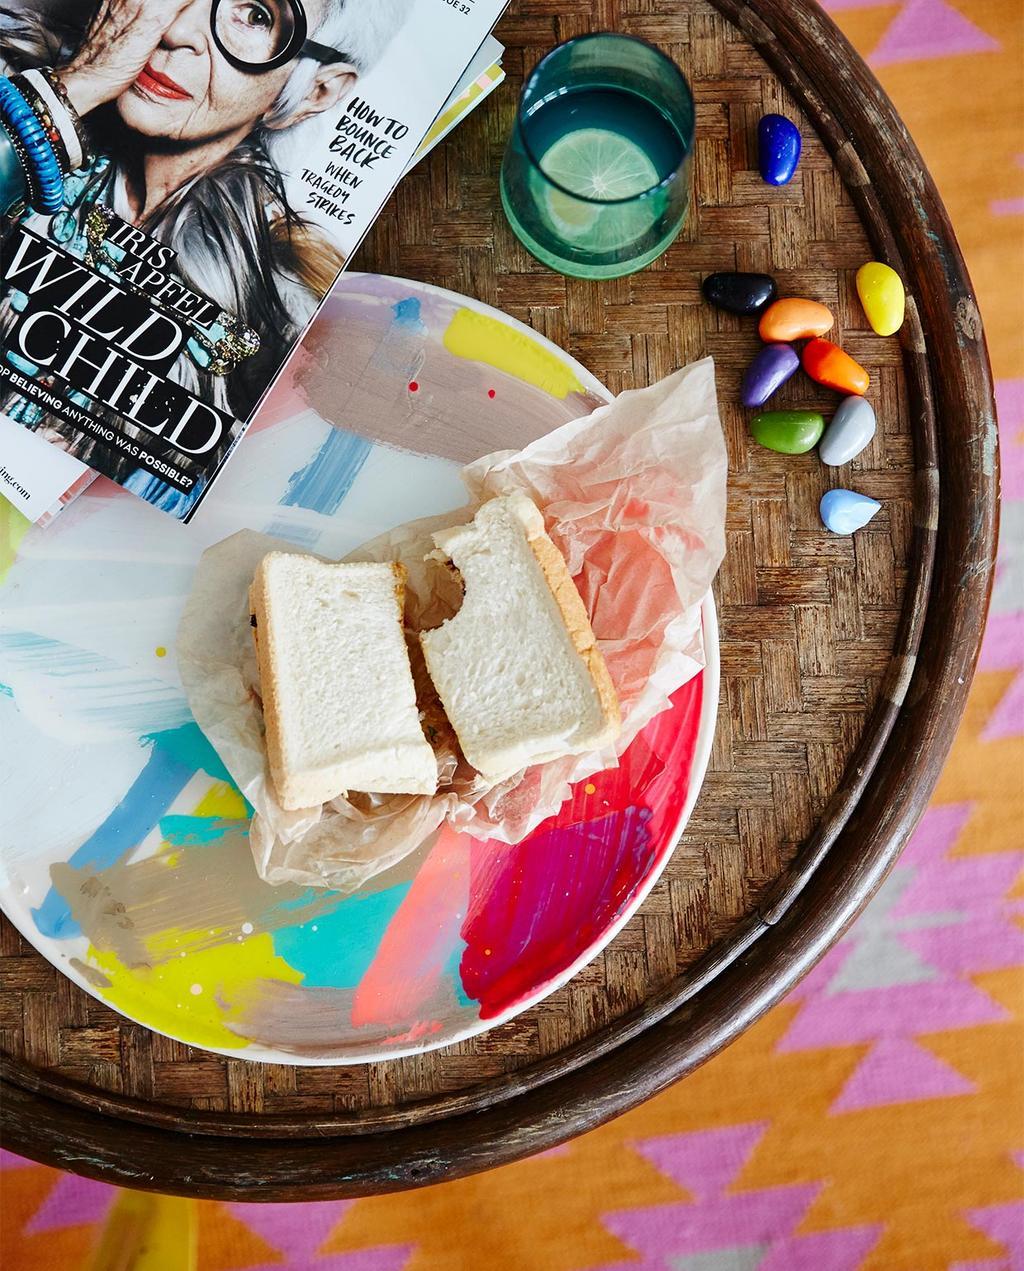 vtwonen binnenkijken special 07-2021 | ronde bijzettafel met een rond bord met een witte boterham en een tijdschrift